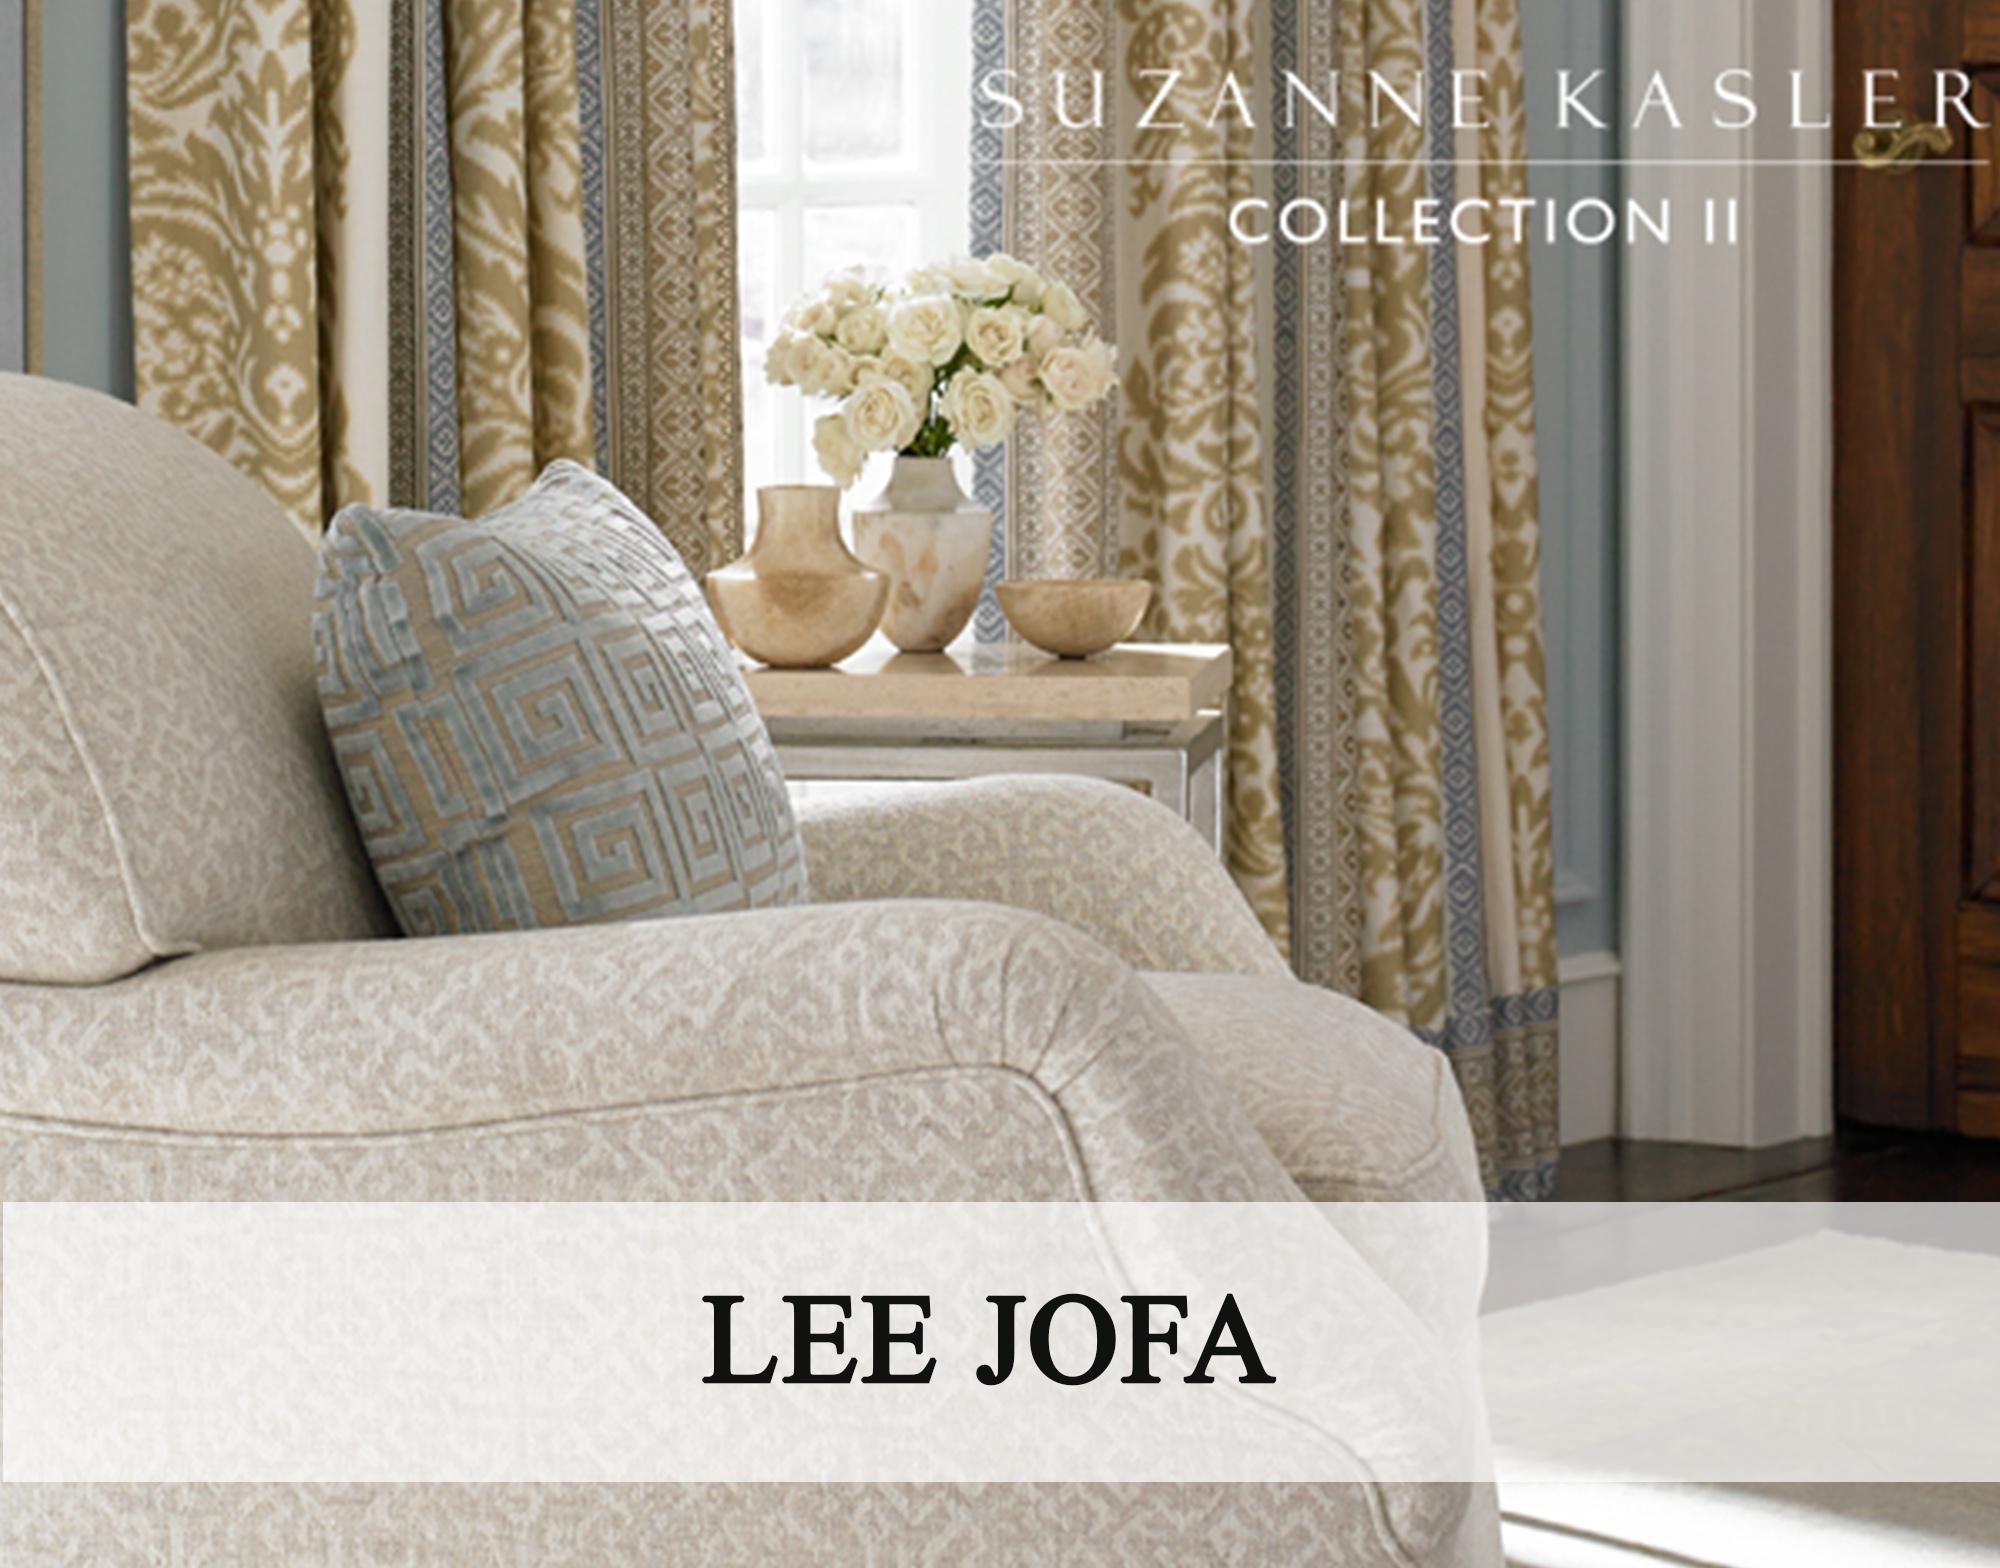 Lee Jofa